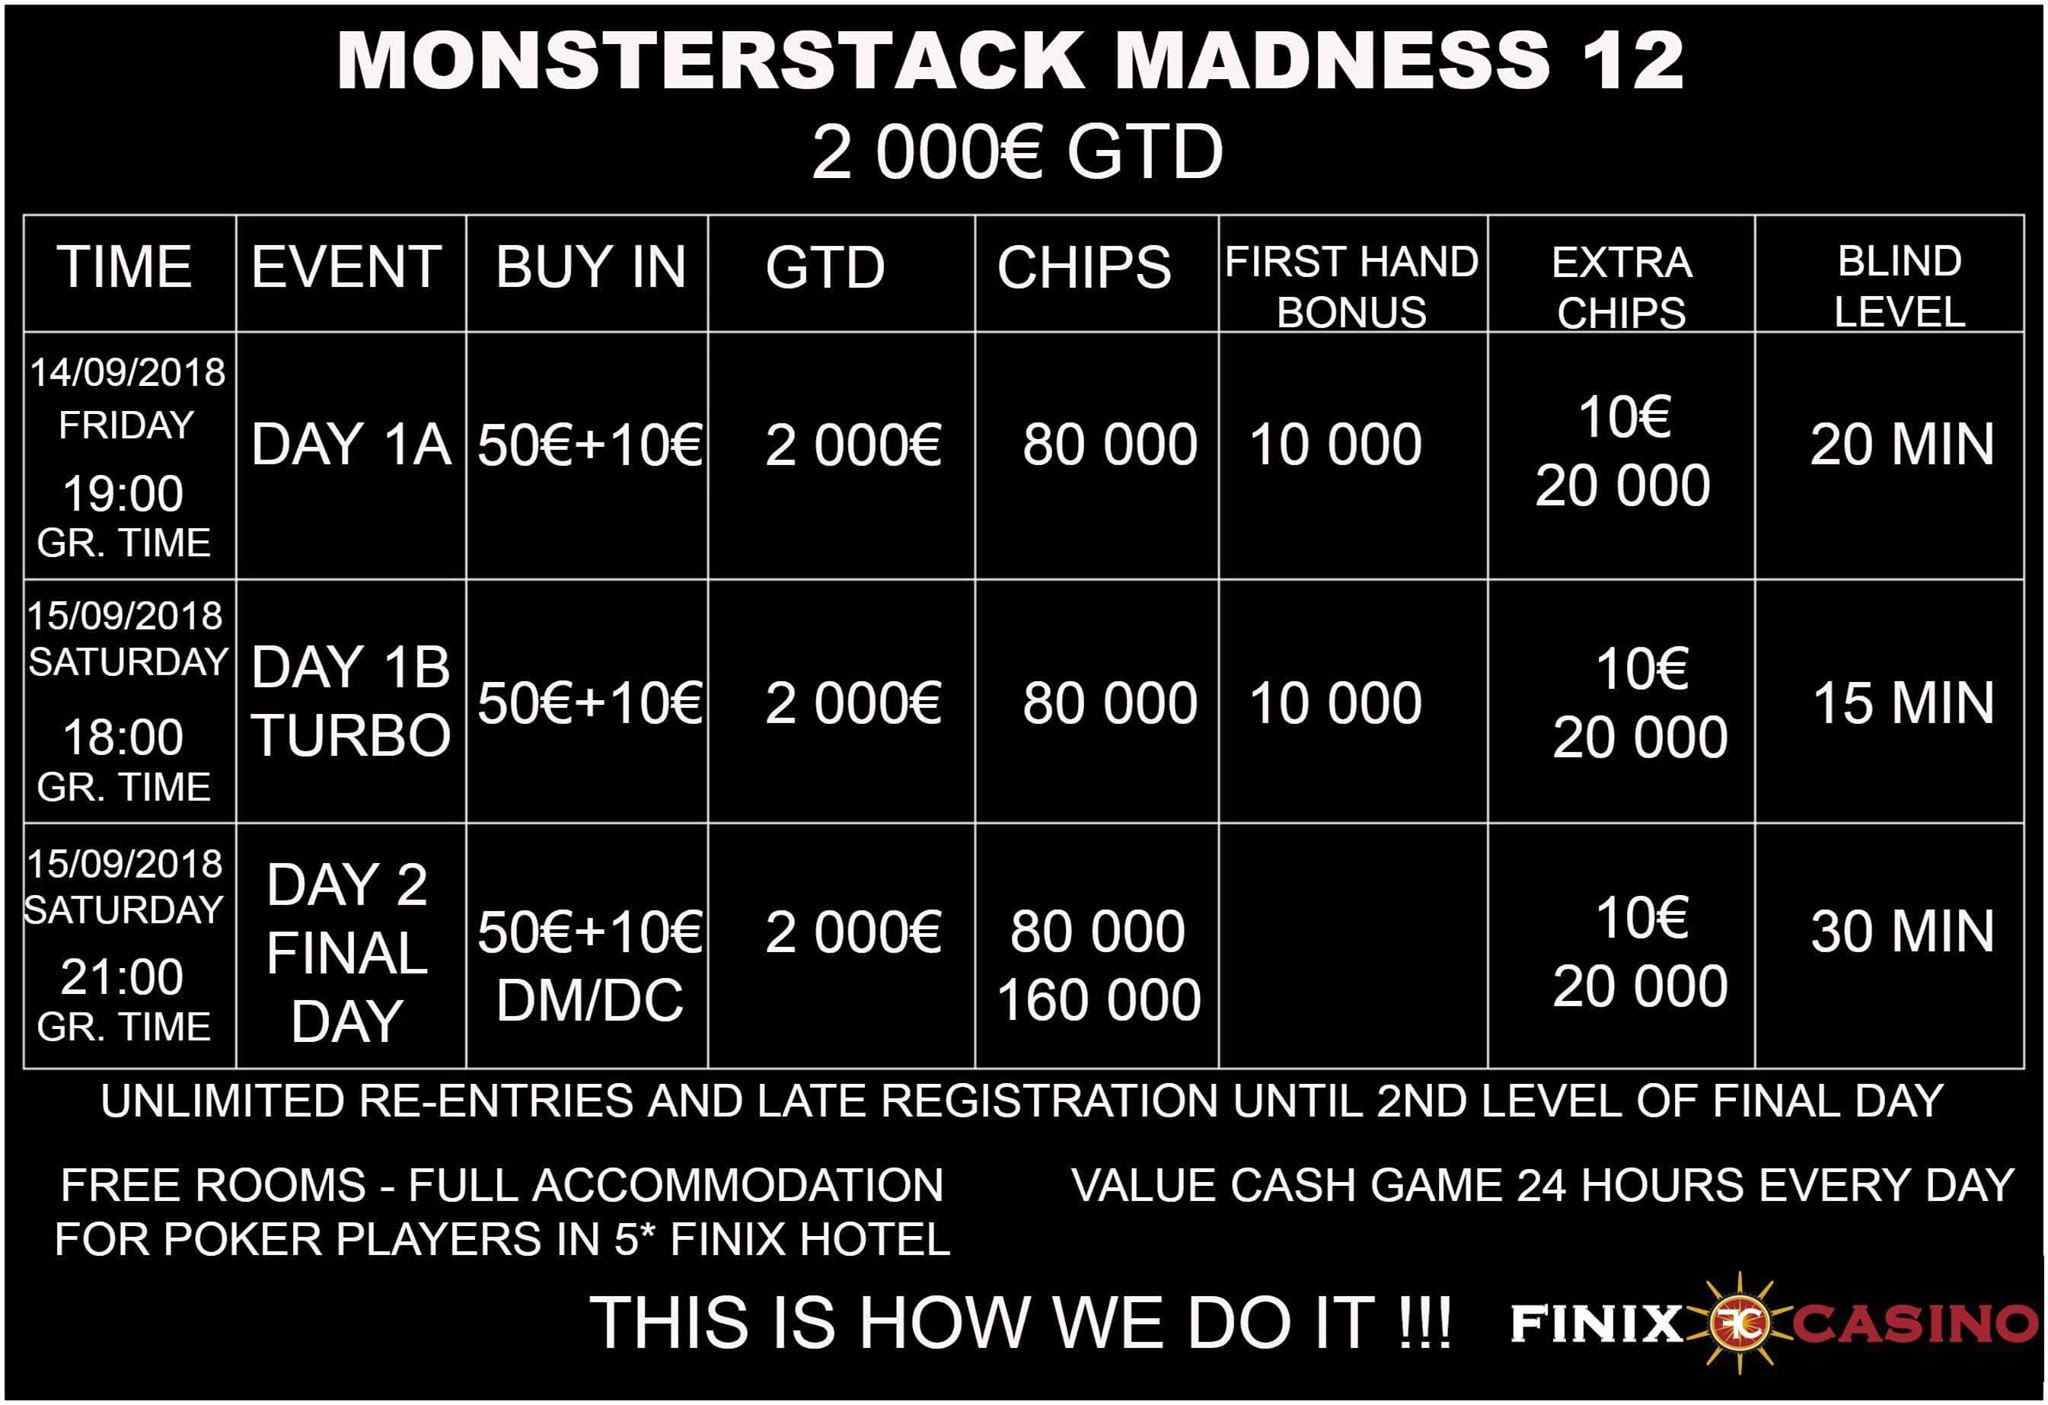 Σήμερα στις 19:00 η Day 1a του Monsterstack Madness #12 στο Finix Casino! 0001